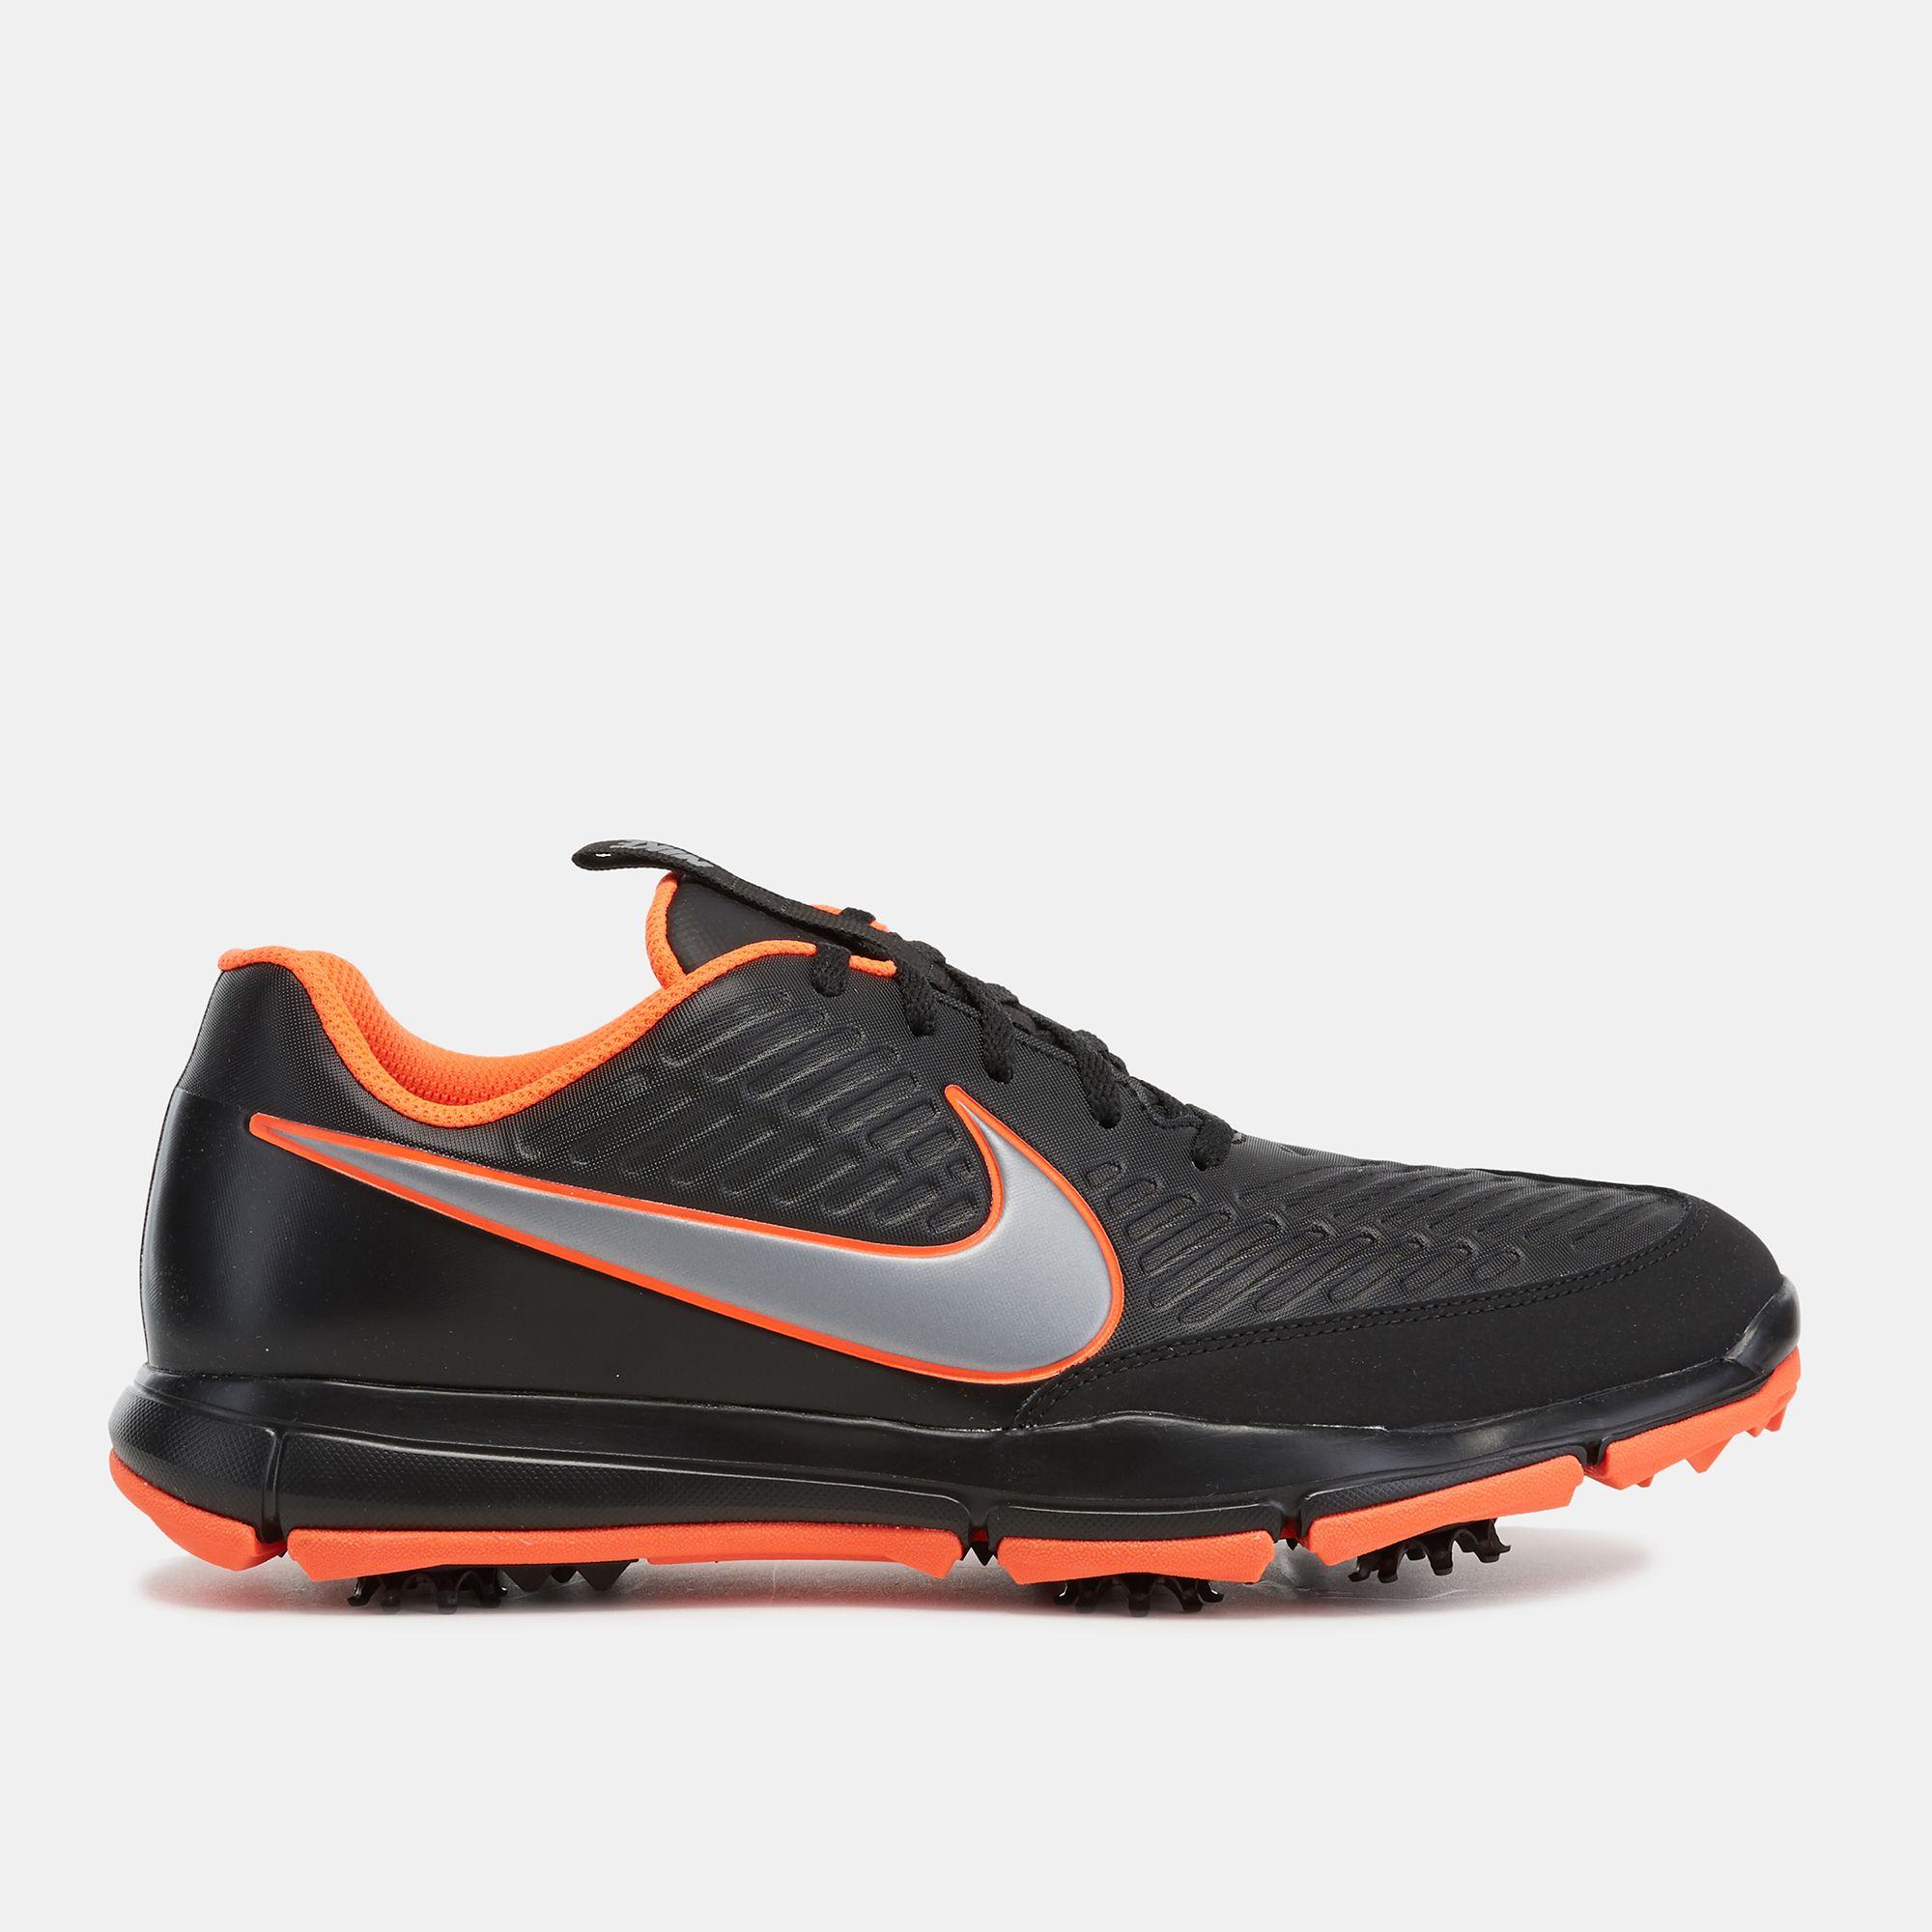 3f79e0a882dc54 Nike Golf Explorer 2 S Shoe